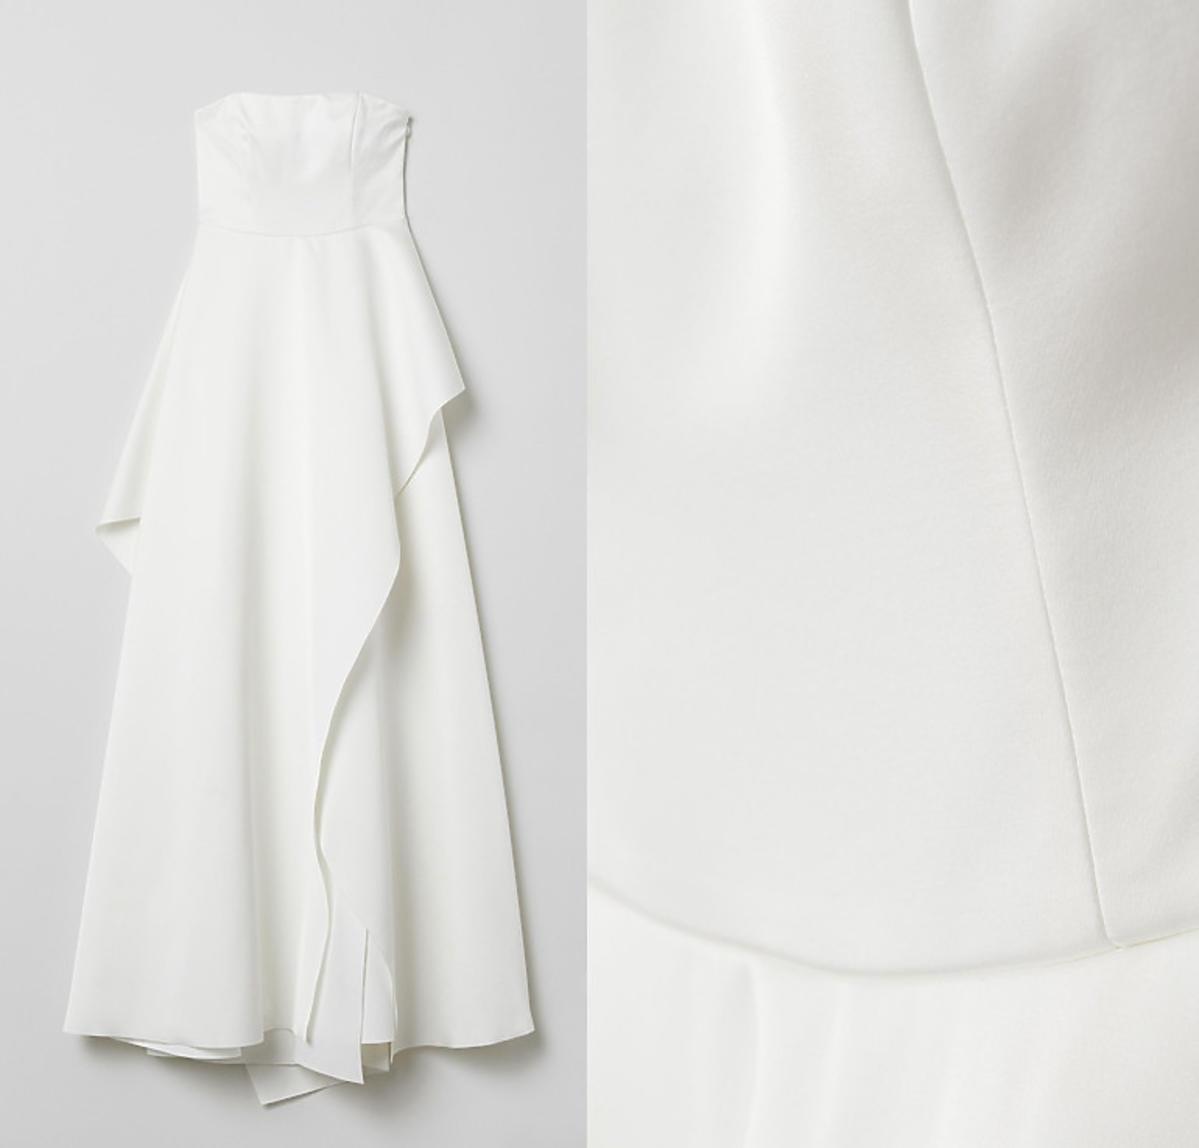 H&M, biała suknia ślubna, 699 zł